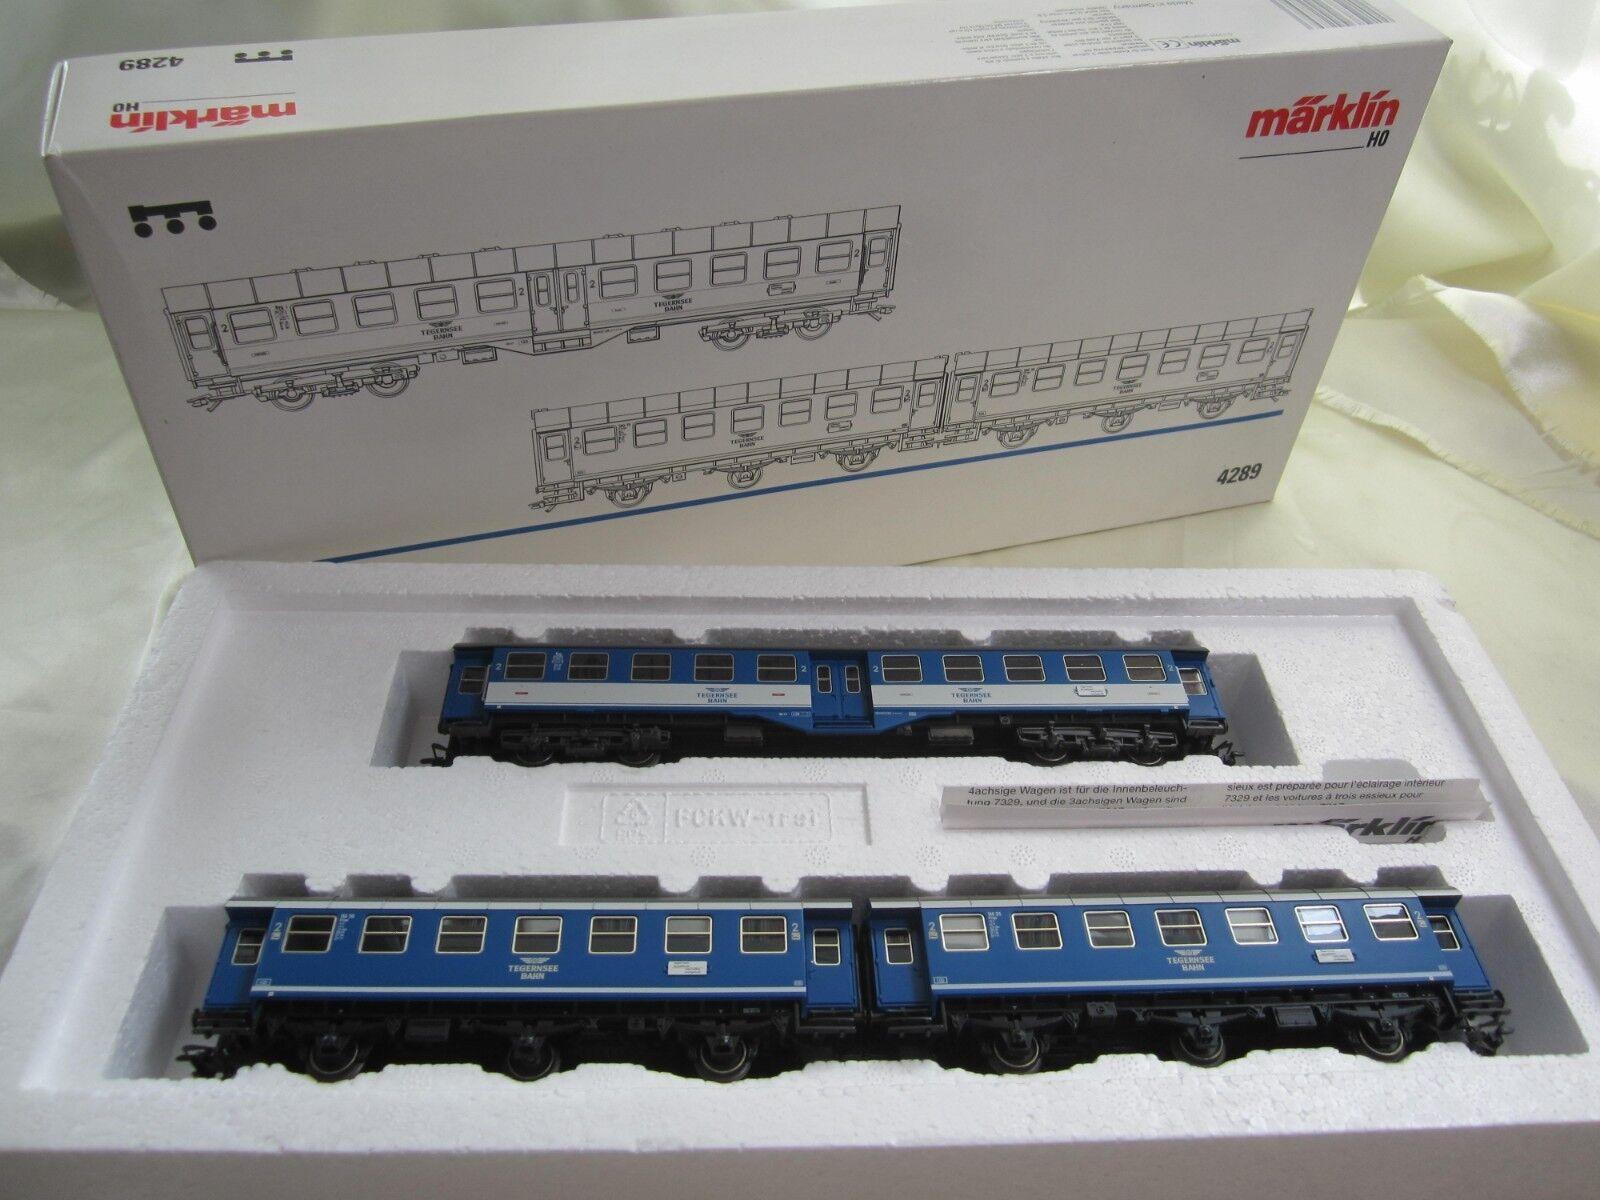 2210-15  marklin h0 4289 Wagenset Tegernsee ferroviario ferroviario ferroviario c06cd4